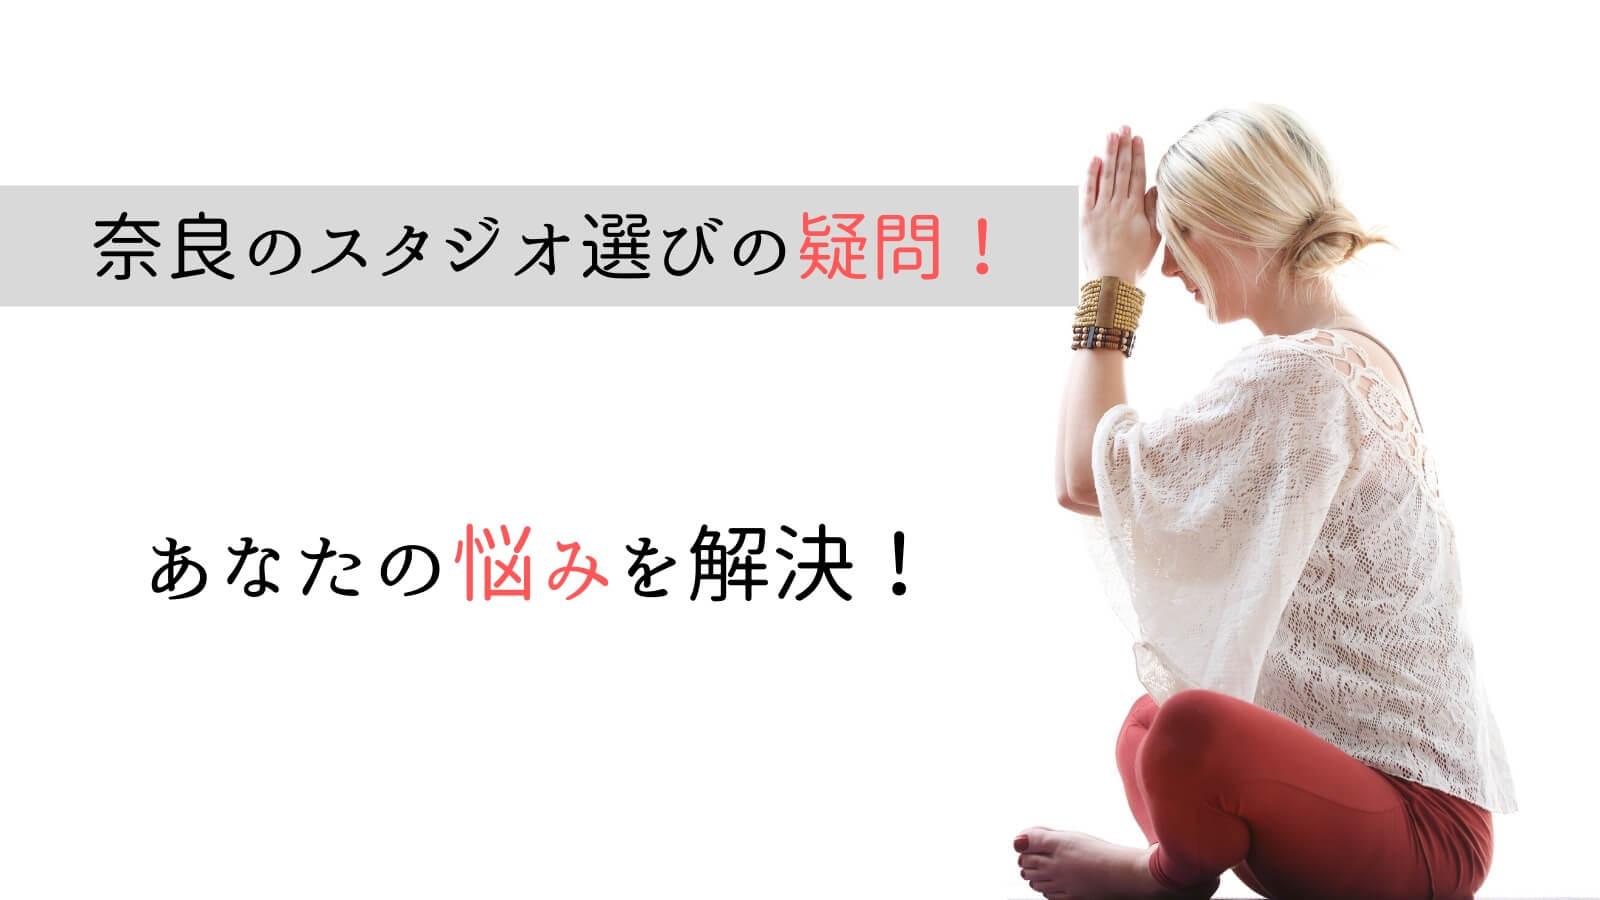 奈良でのホットヨガスタジオ選びに関するQ&A